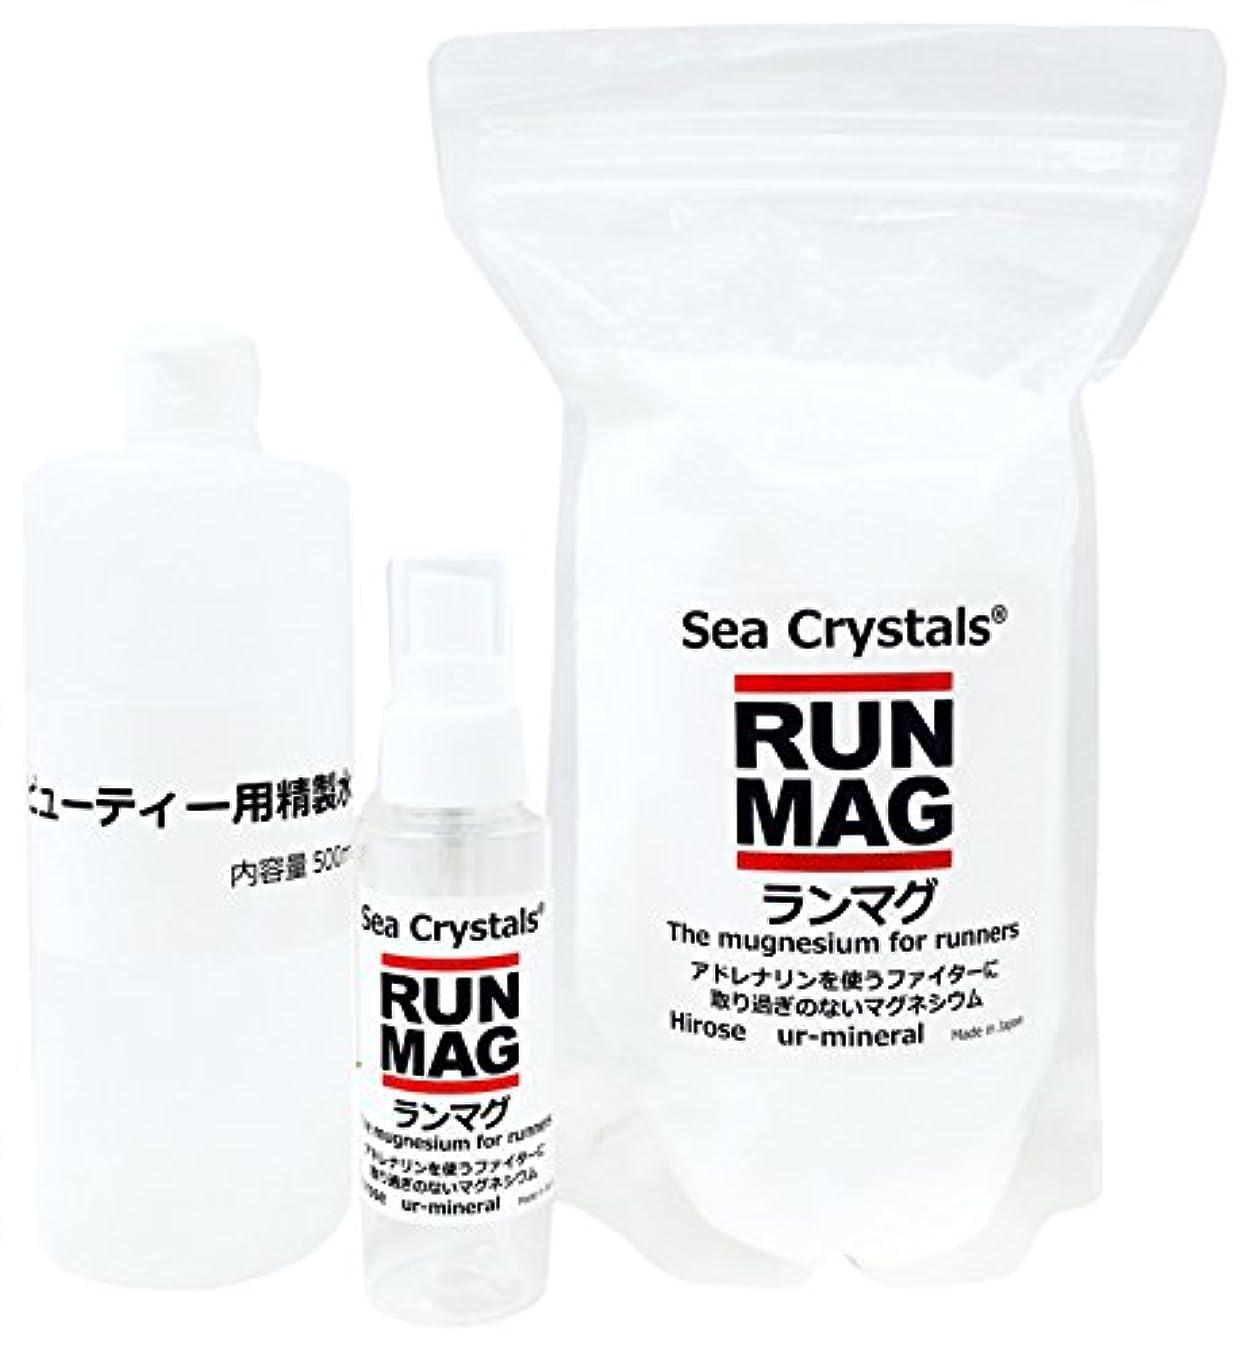 軽蔑する電気陽性有毒なランマグ?マグネシウムオイル 500g 化粧品登録 日本製 1日マグネシウム360mg使用  精製水付き